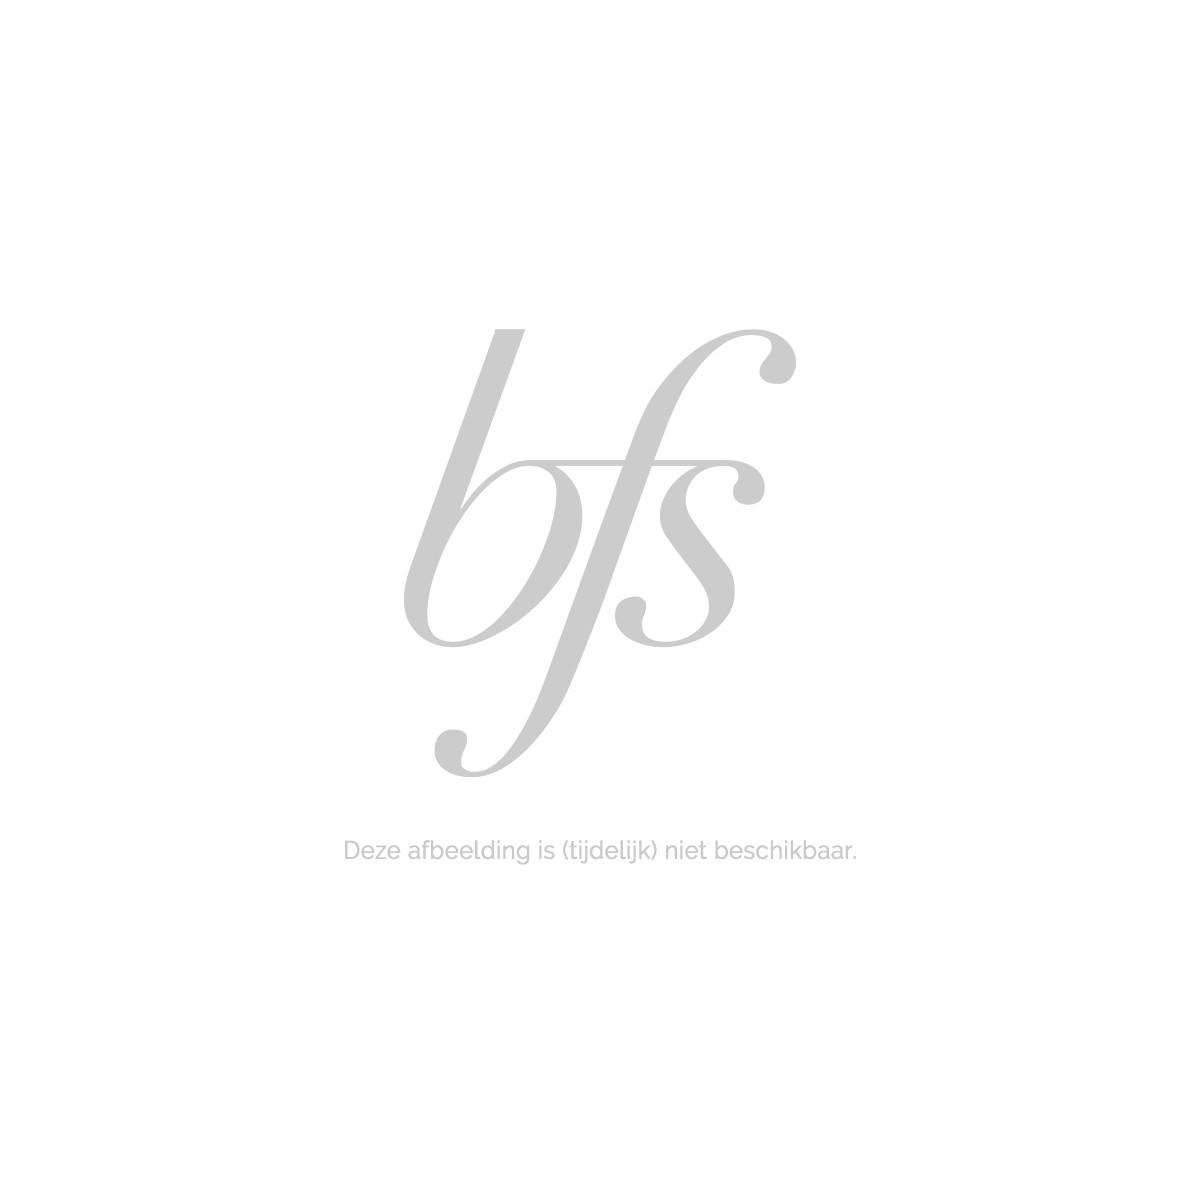 Guerlain La Petite Robe Noire Shiny Lip Colour #043 Sun Glasses 2,80 gr